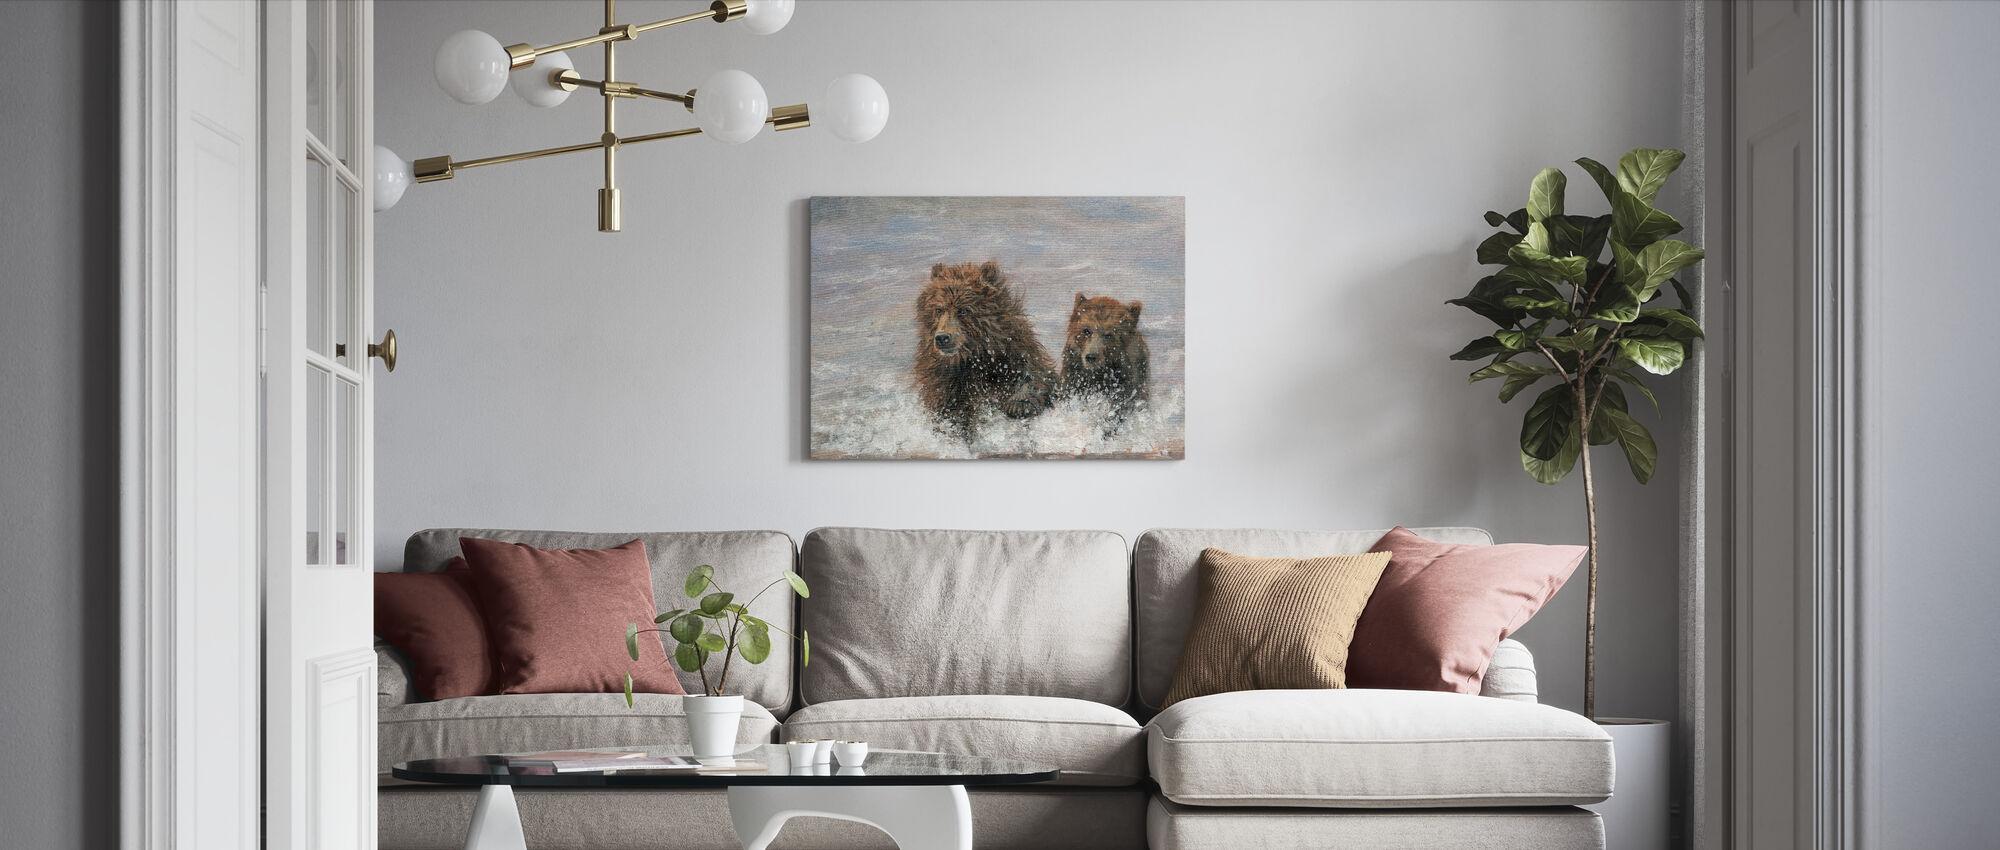 Björnarna kommer - Canvastavla - Vardagsrum